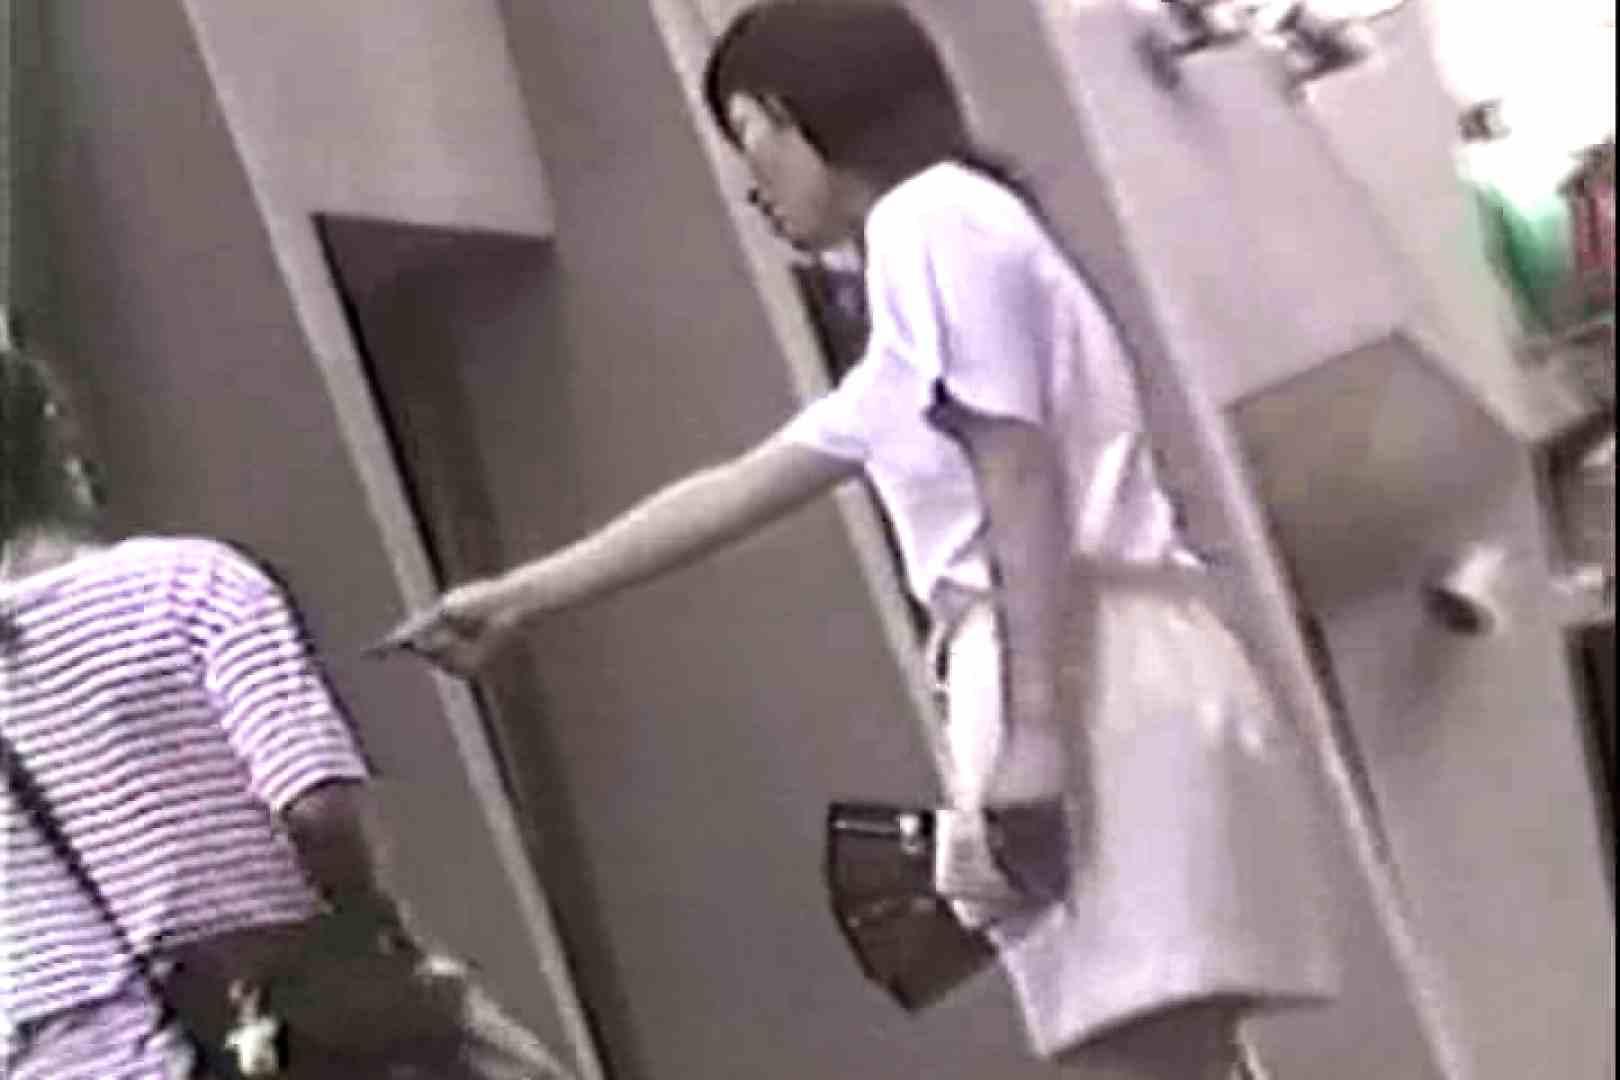 「ちくりん」さんのオリジナル未編集パンチラVol.6_02 新入生パンチラ  71pic 21